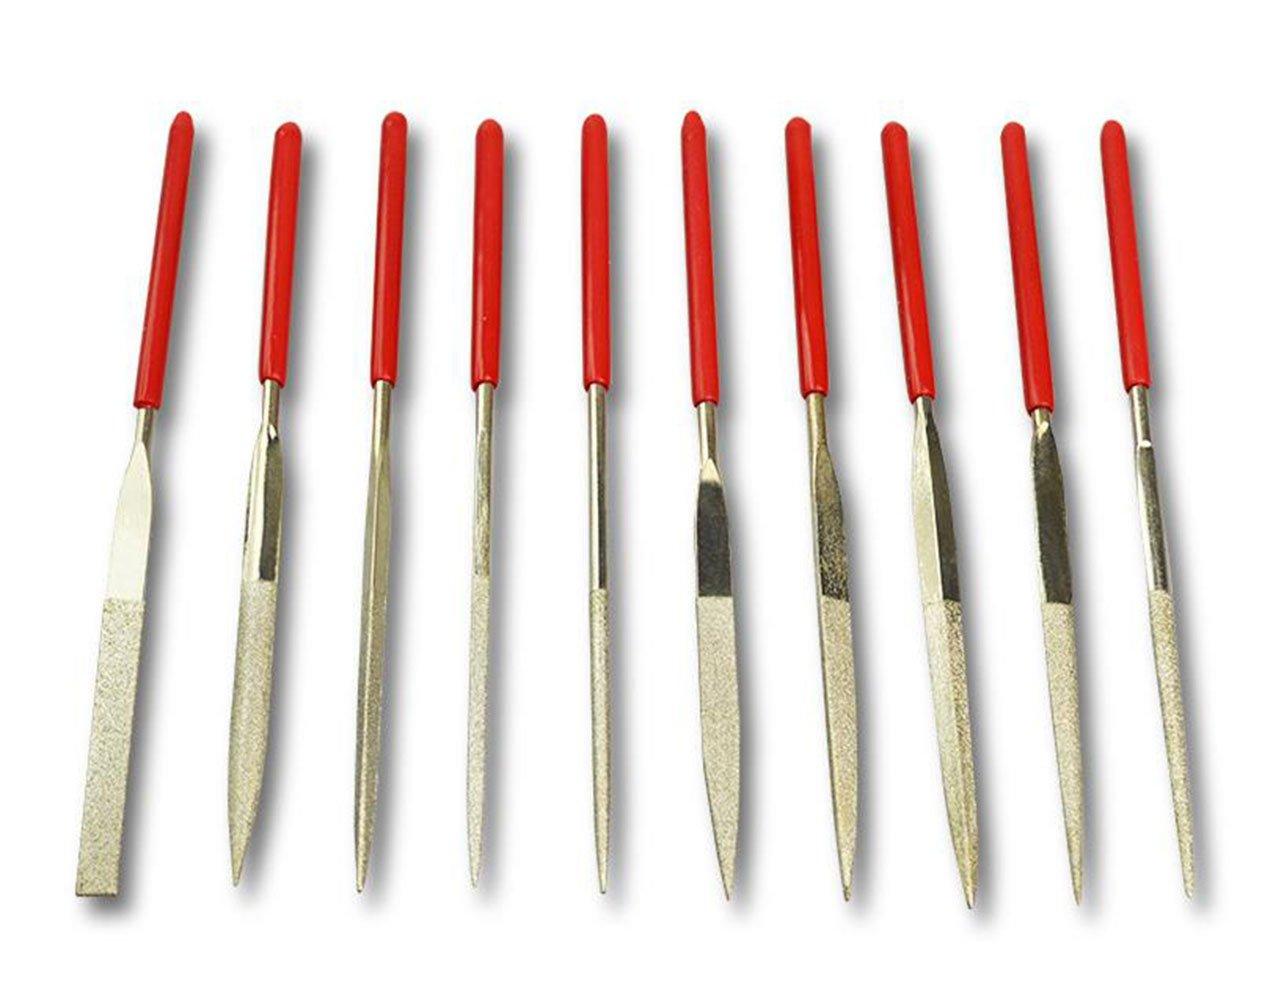 MINGZE Un groupe de 10 Poign/ée en plastique Diamant R/âpe,Cordes de guitare oreiller Outil de r/éparation de fichiers